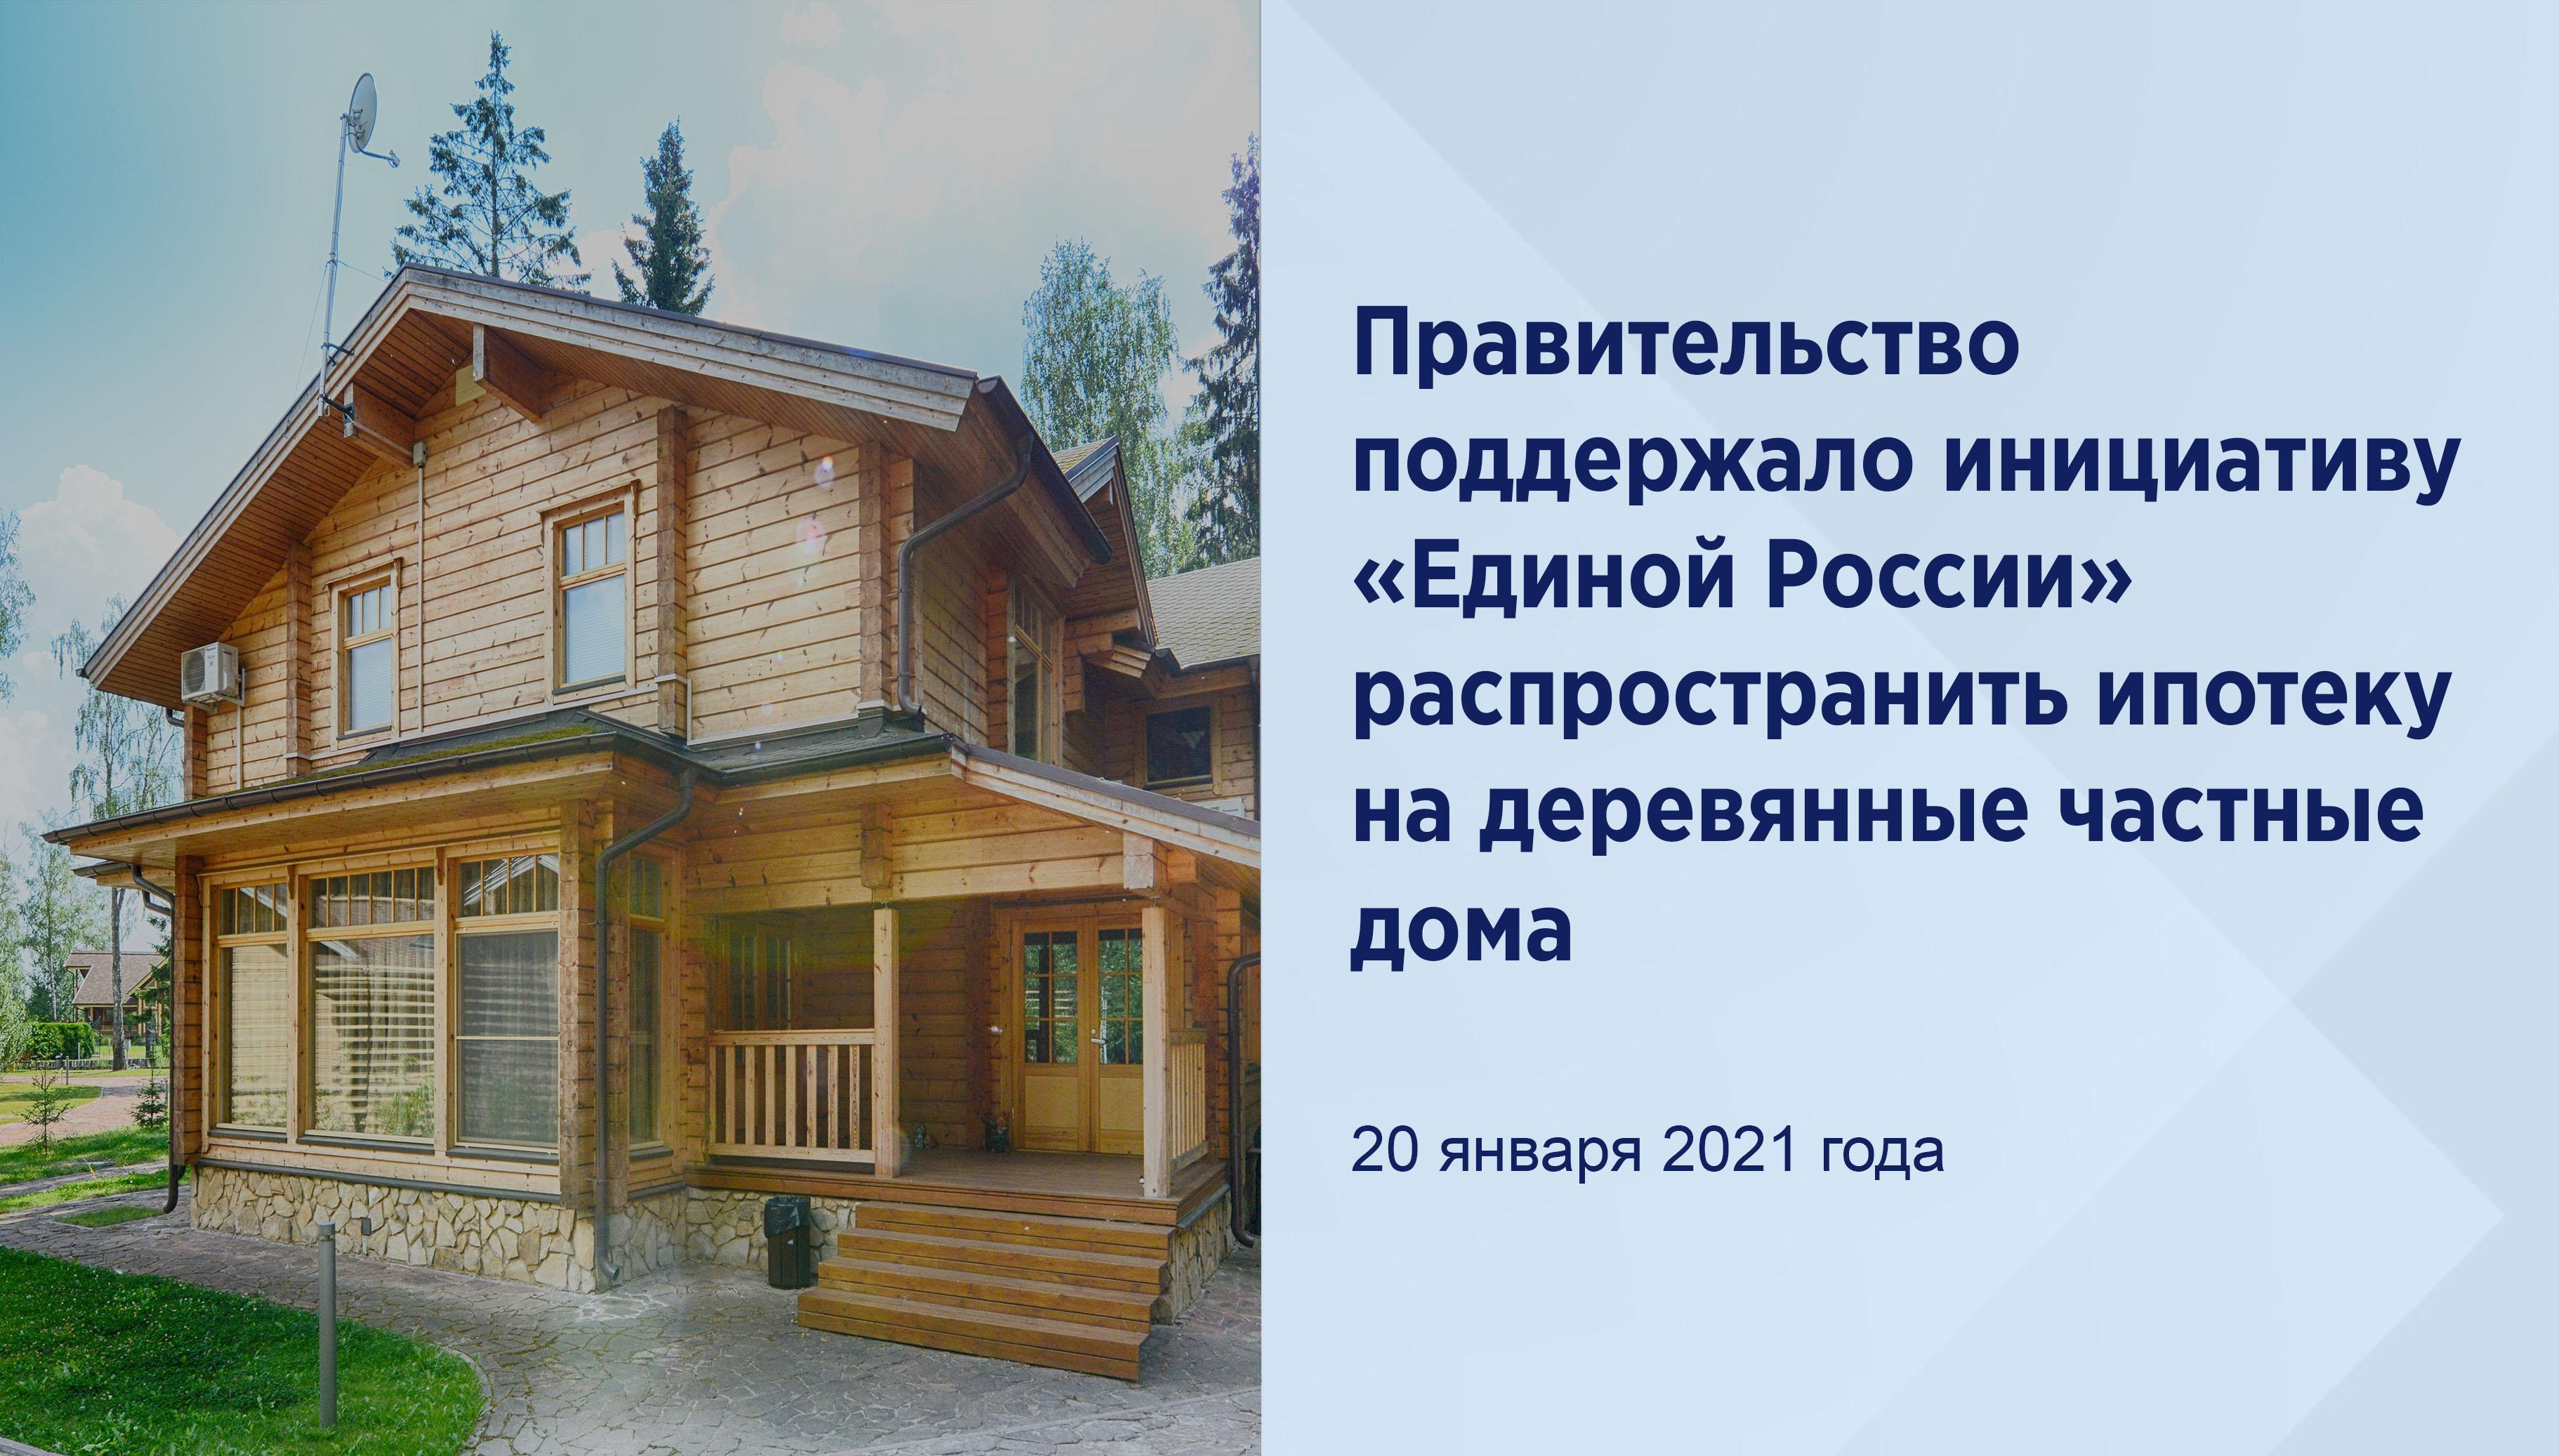 https://er.ru/activity/news/pravitelstvo-podderzhalo-iniciativu-edinoj-rossii-rasprostranit-ipoteku-na-derevyannye-chastnye-doma